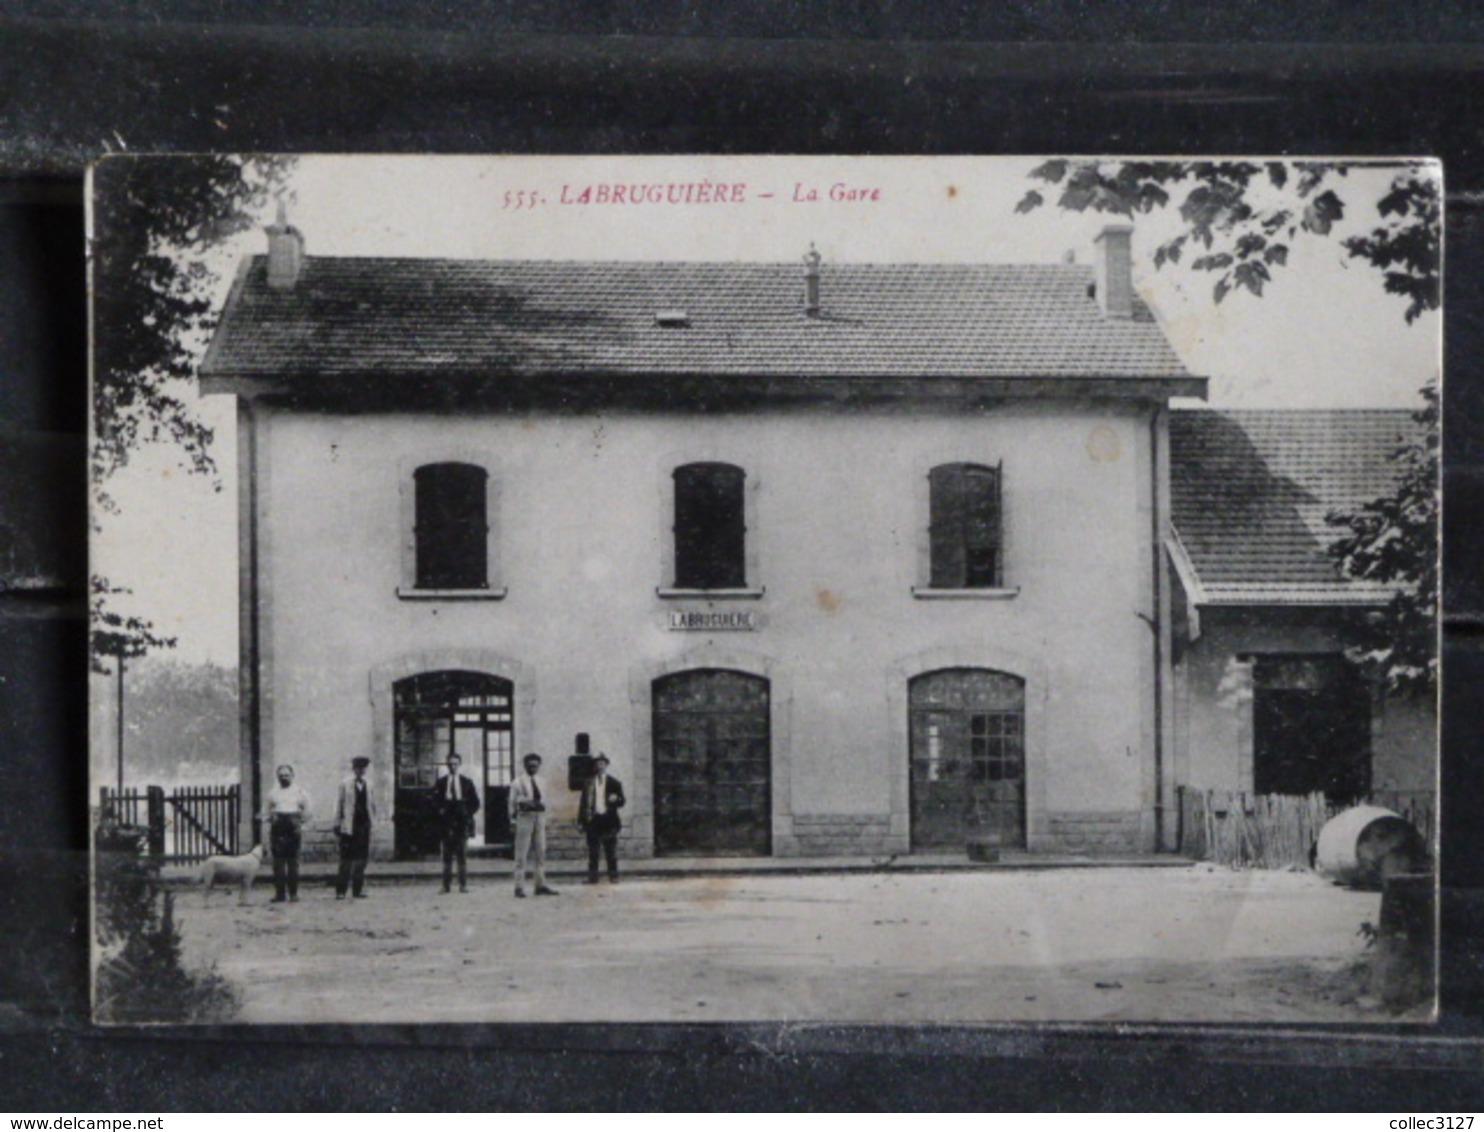 Z28 - 81 - Labruguiere - La Gare - Plan Rare Sur Avis De Passage Maison Poux - 1922  Phototypie Tarnaise Andre Poux Albi - Labruguière